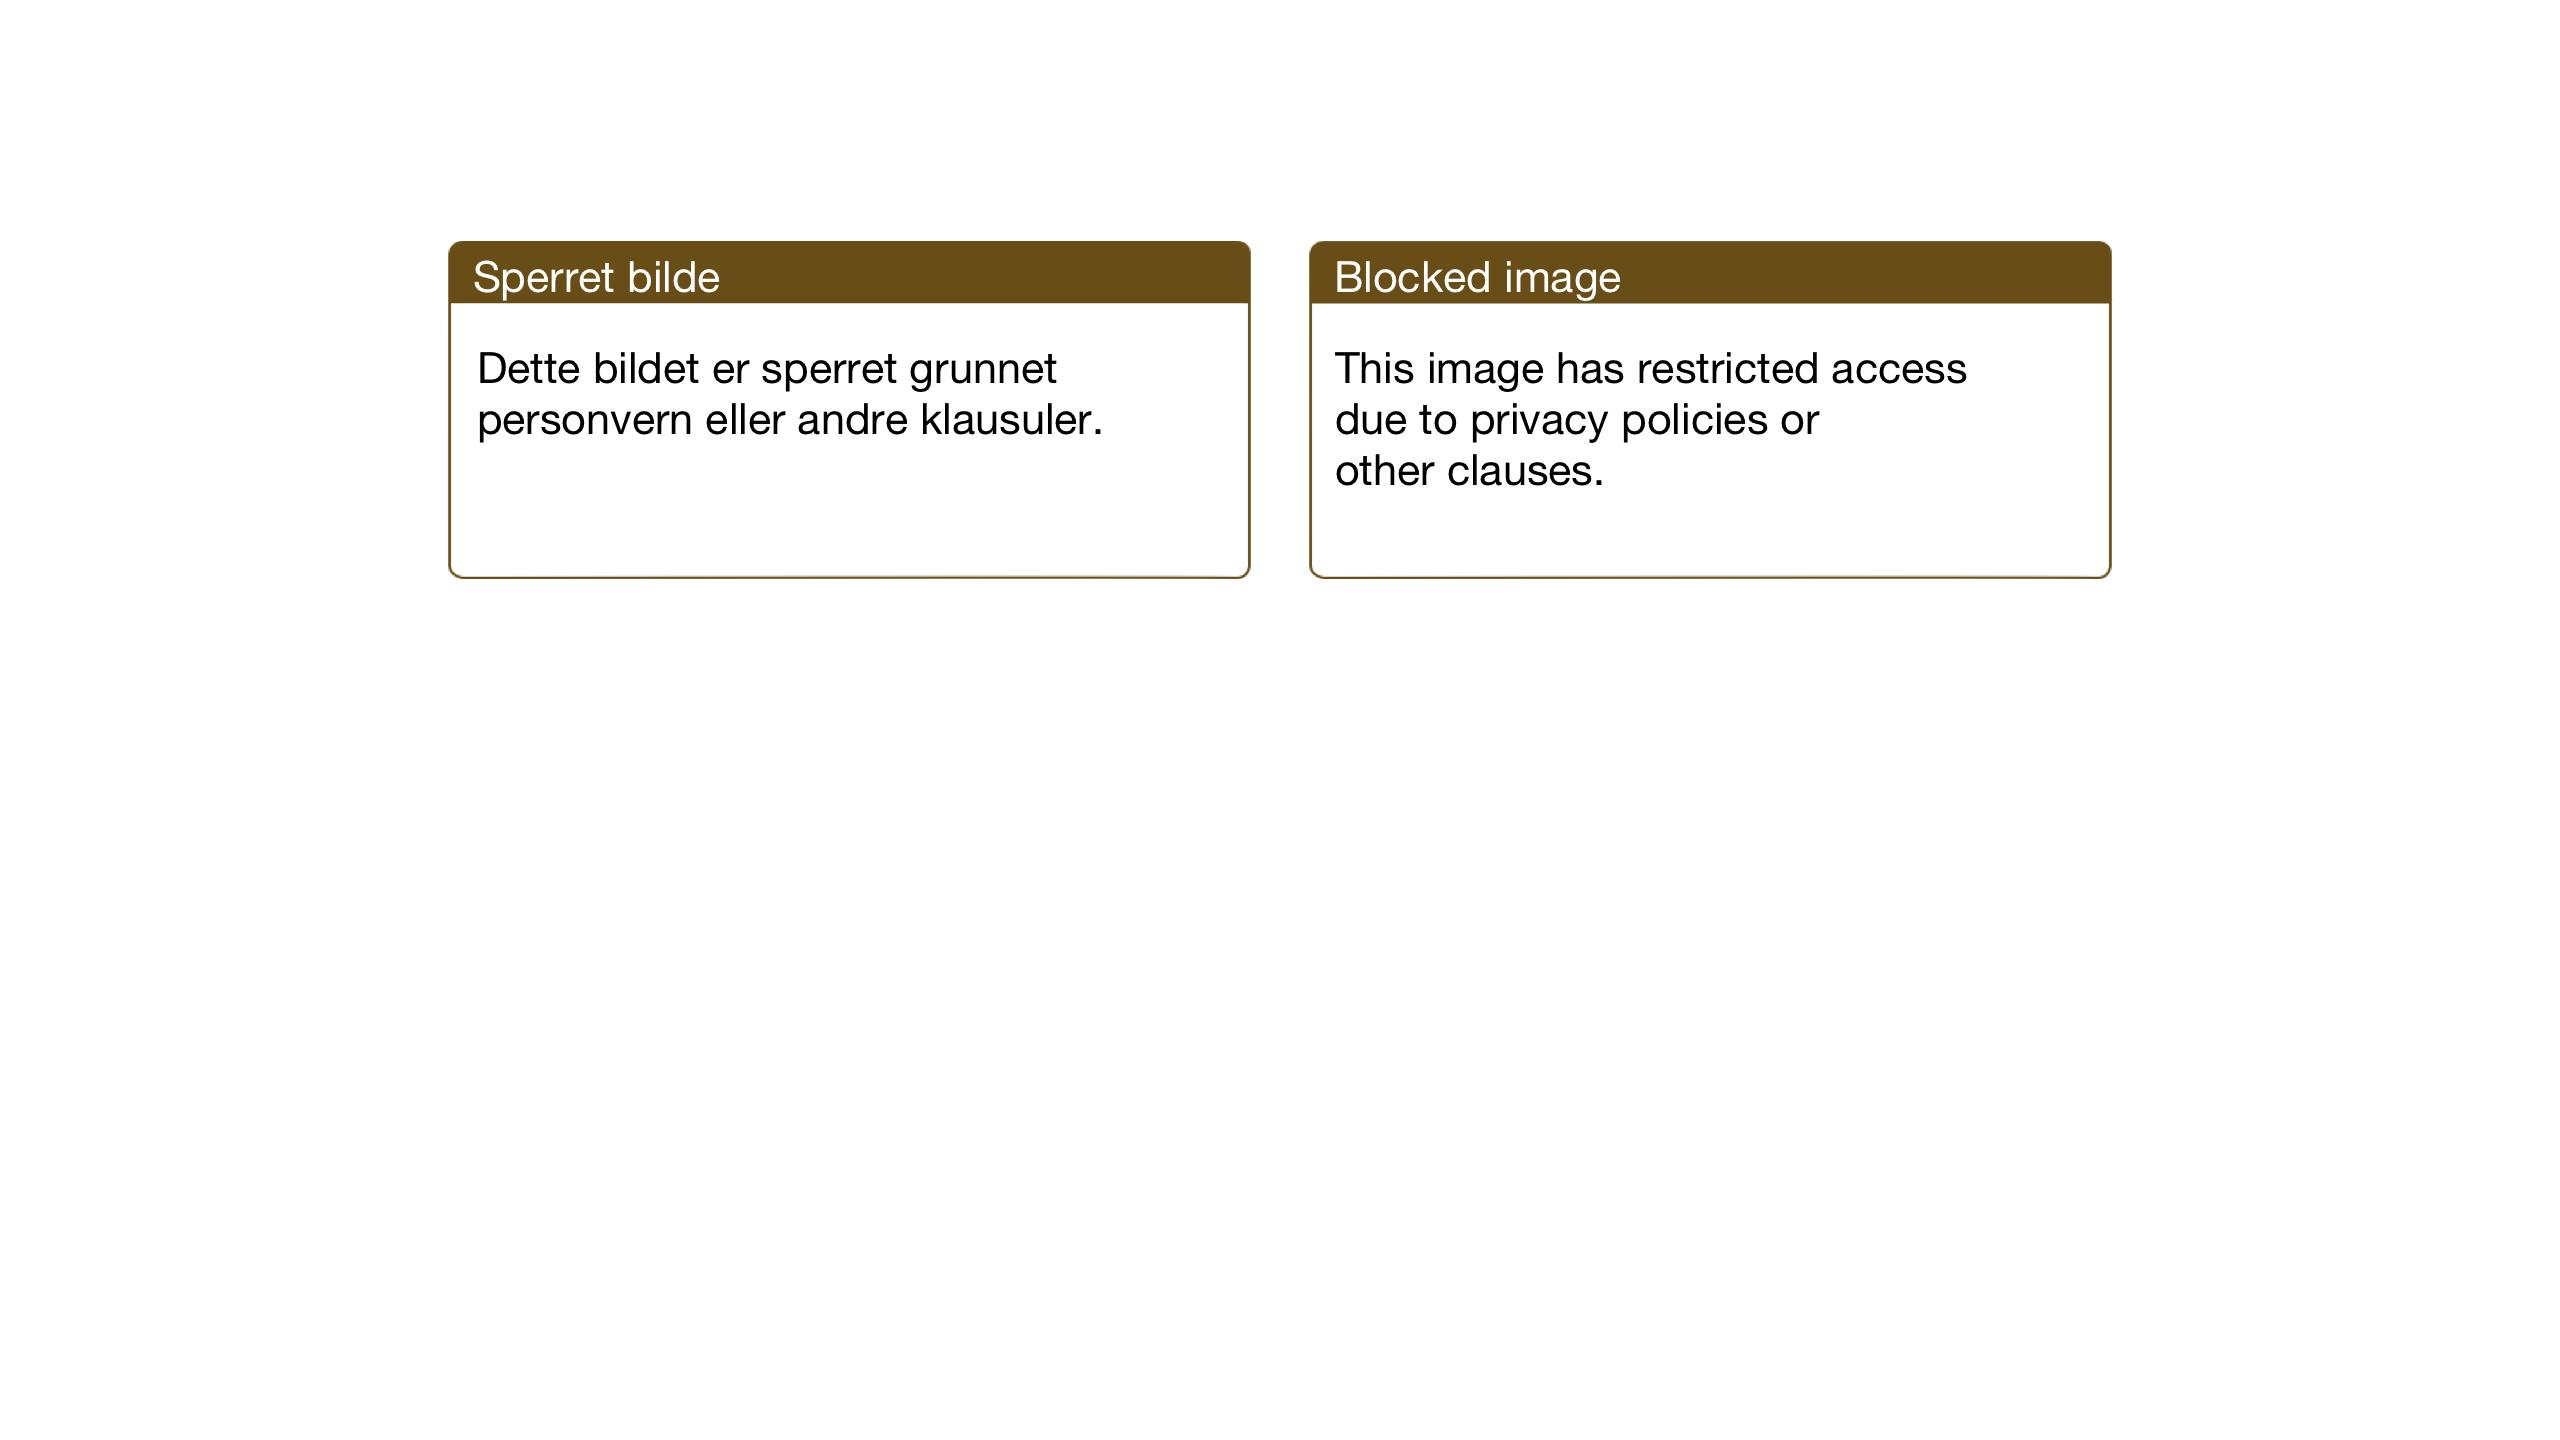 SAT, Ministerialprotokoller, klokkerbøker og fødselsregistre - Nord-Trøndelag, 780/L0654: Klokkerbok nr. 780C06, 1928-1942, s. 102